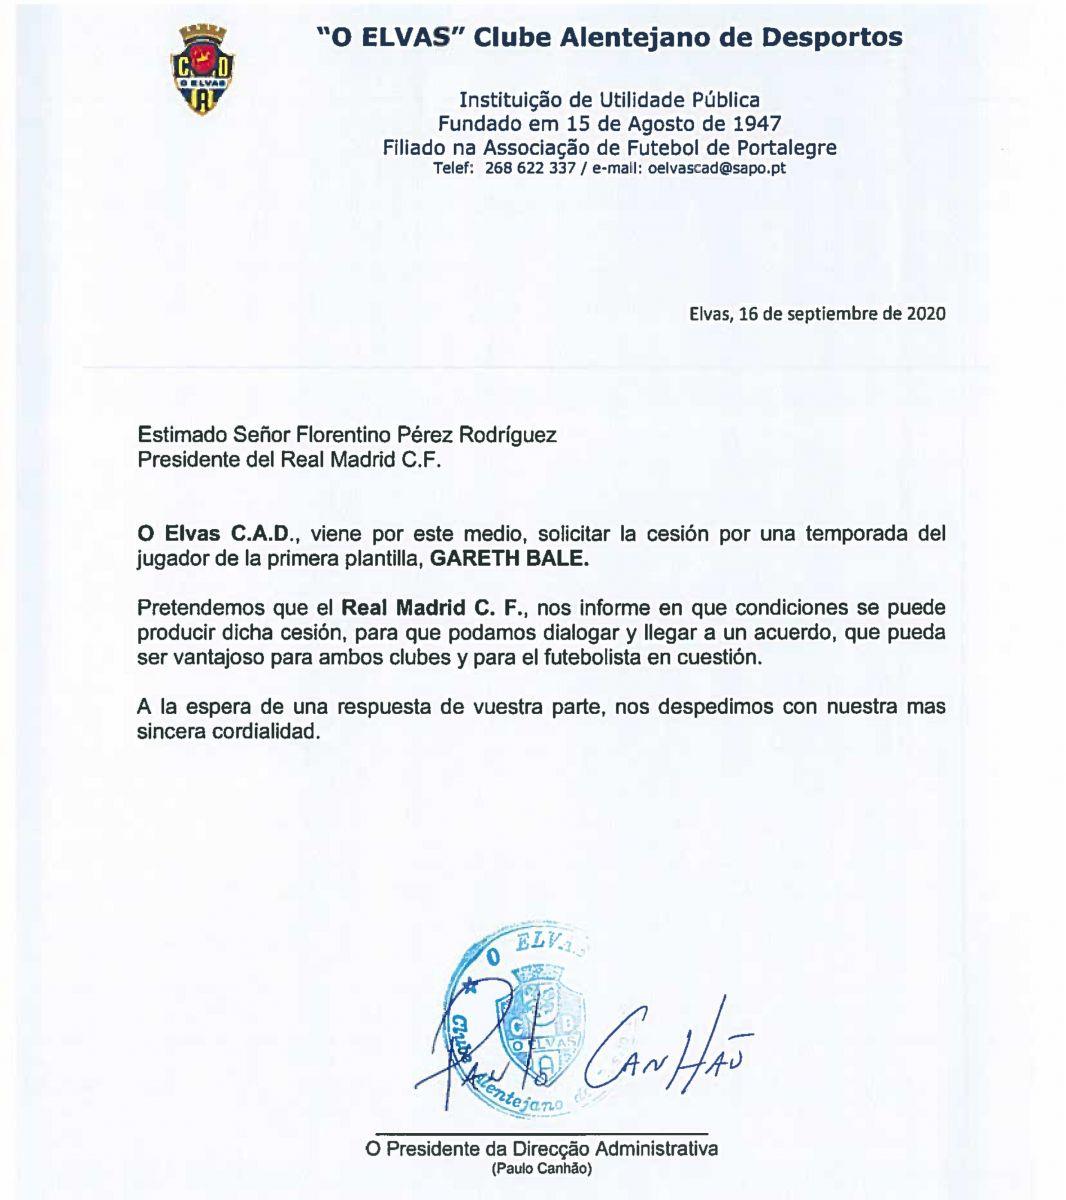 我就蹭蹭?葡萄牙第五级联赛球队致信皇马,想租借贝尔 第2张